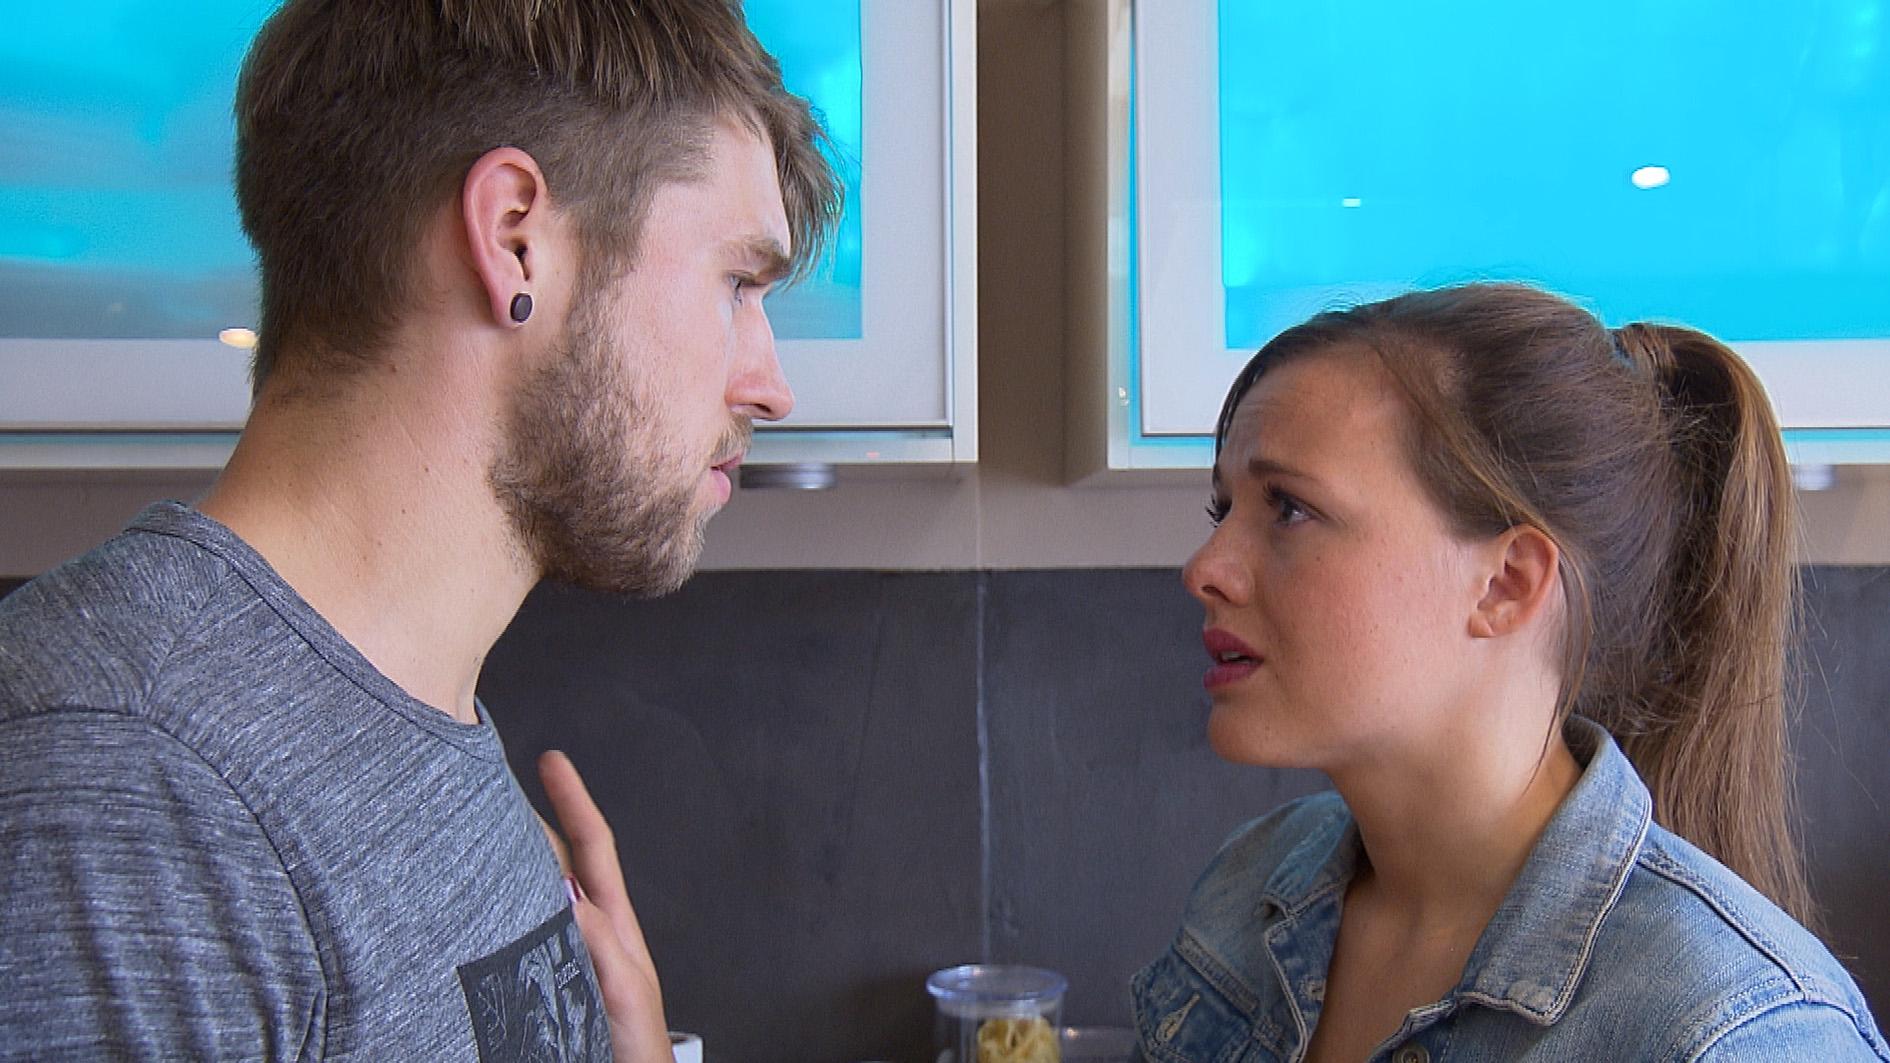 Als Anna aus Berlin zurückkommt, weiß sie noch immer nicht, wie es mit ihr und Chris weitergehen soll. Sie sucht das Gespräch mit Chris, der die Beziehung jedoch infrage stellt. (Quelle: RTL 2)